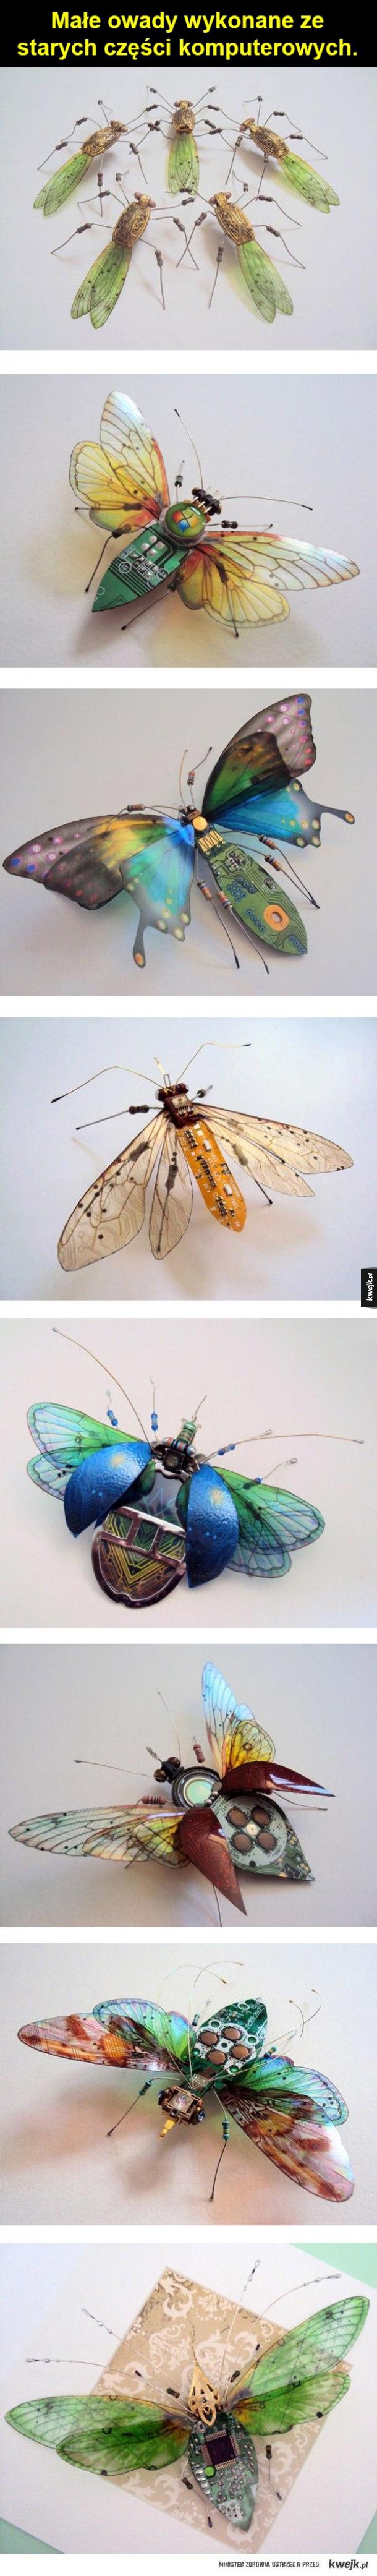 Orginalne owady